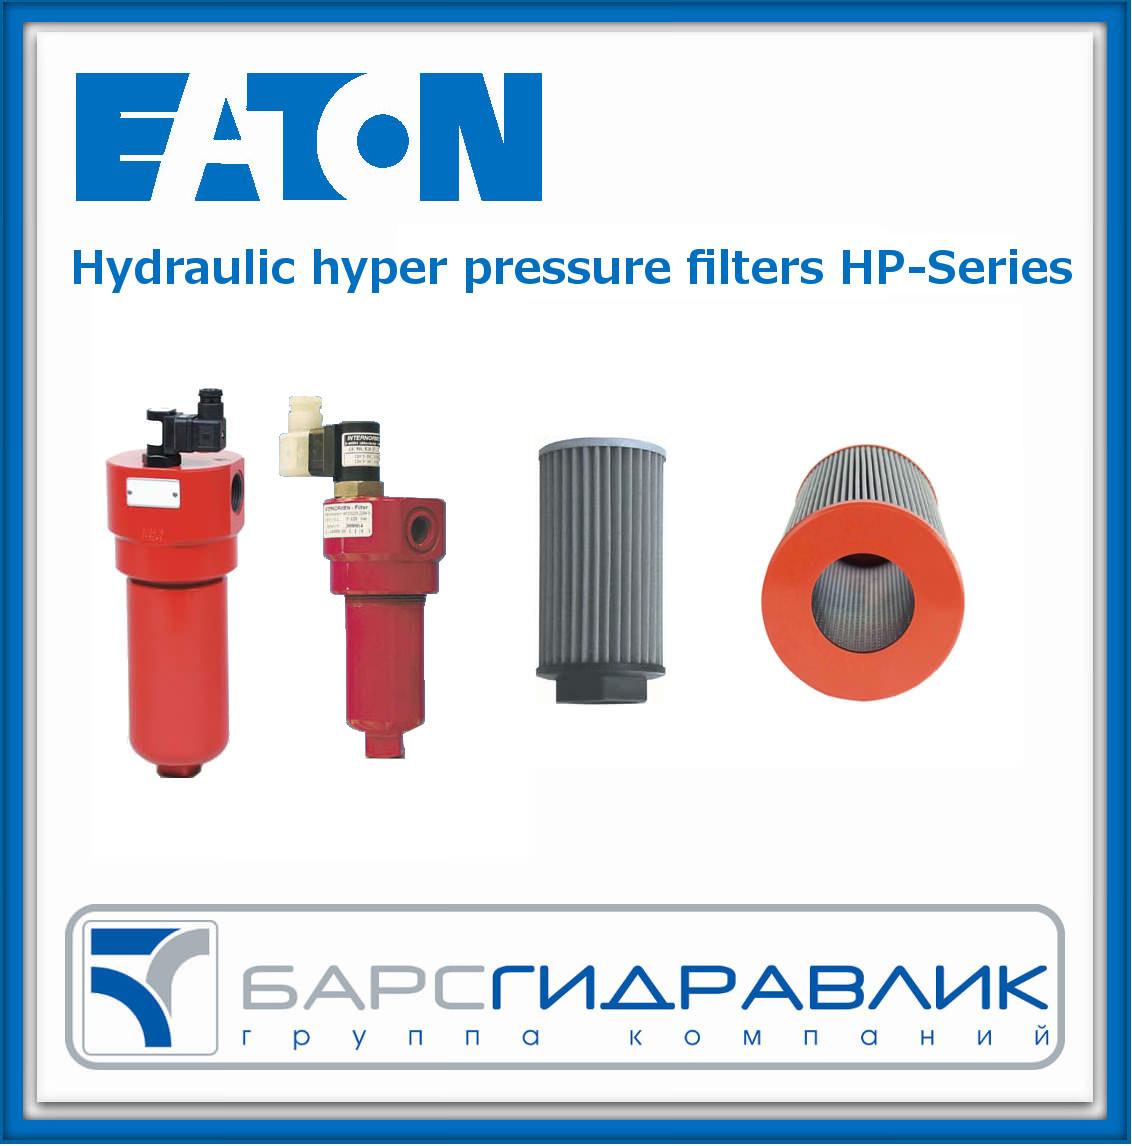 Линейка гидрофильтров высокого давления HP- Series от EATON